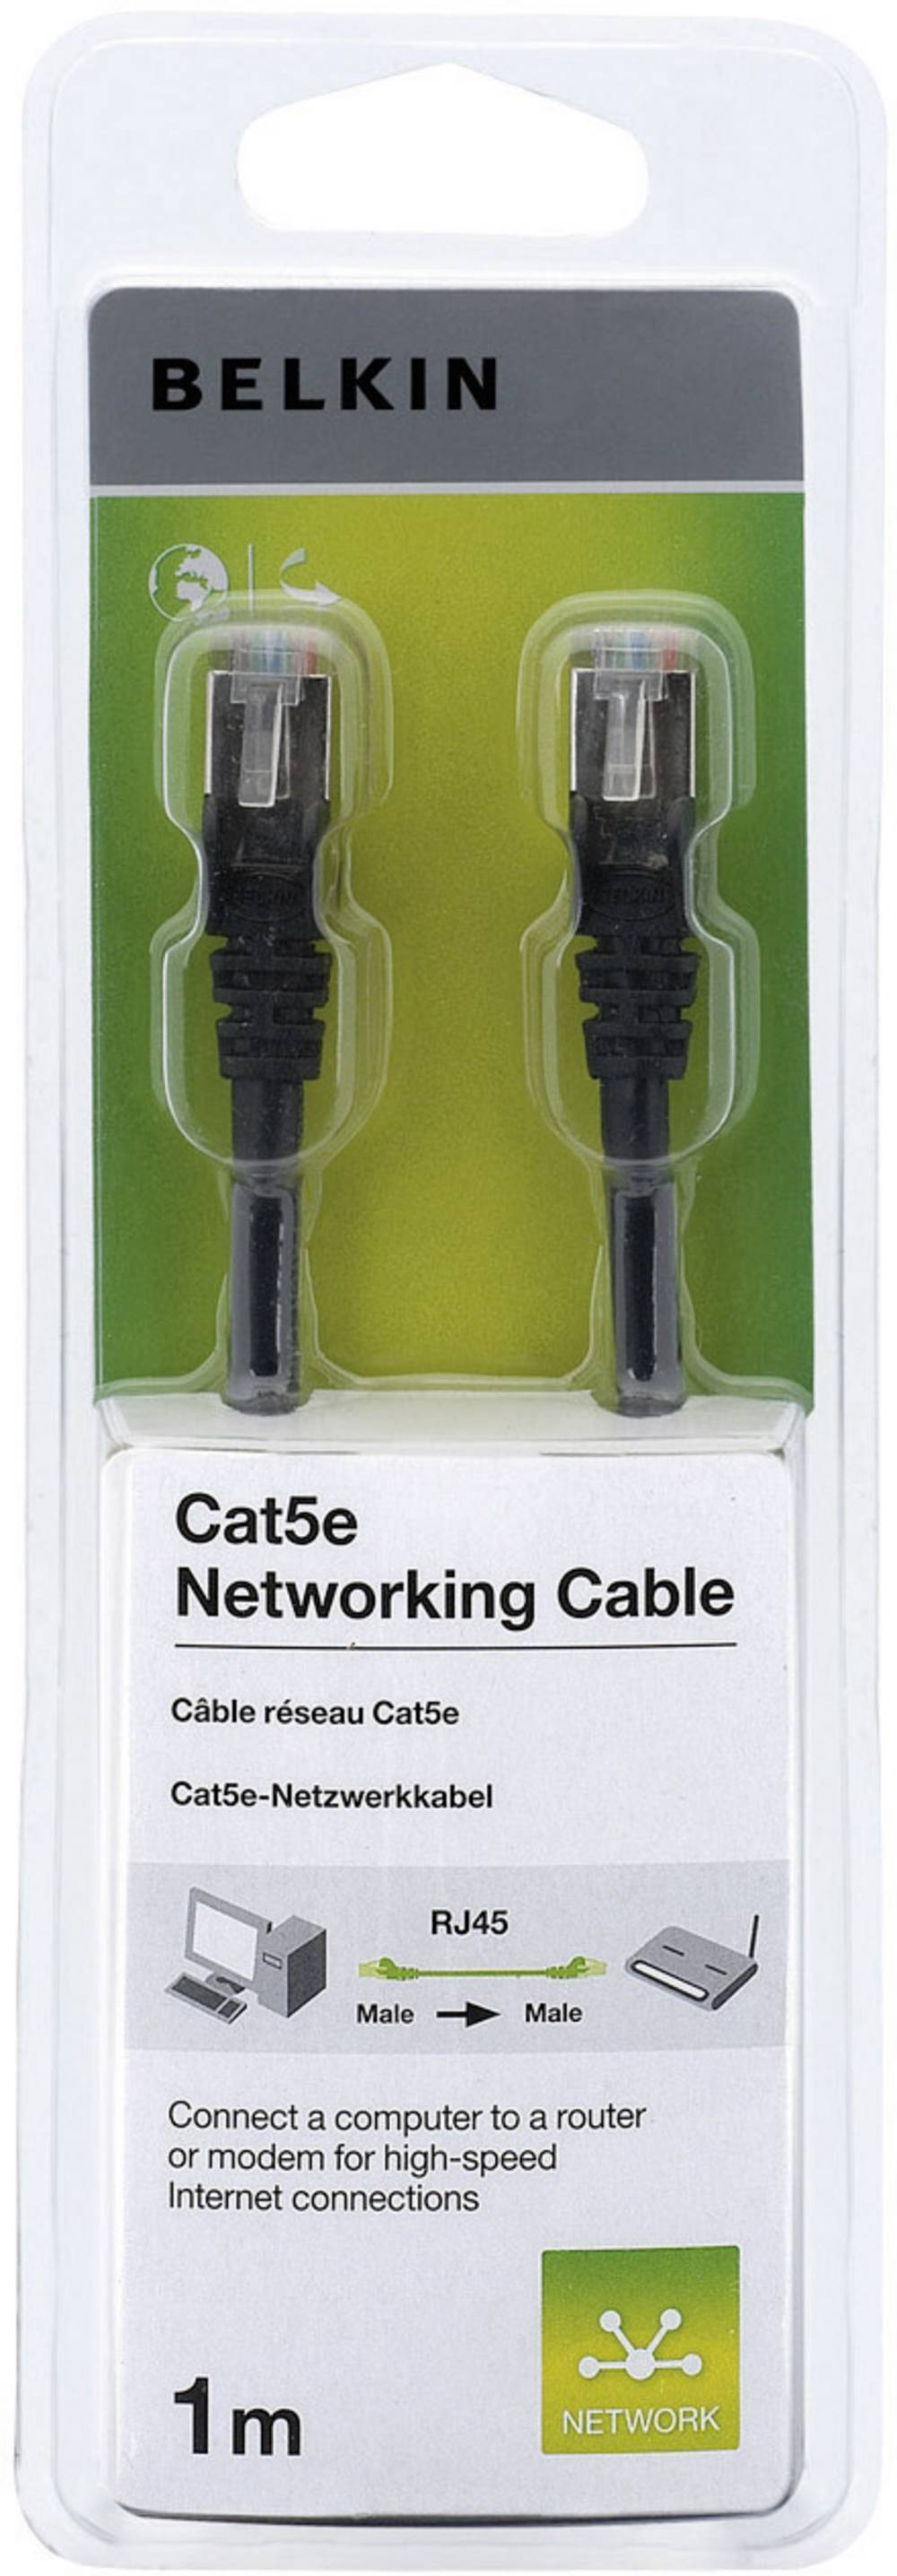 Omrežni kabel RJ45 Belkin, CAT5e, F/UTP, črne barve, 1 m A3L791cp01MBKHS